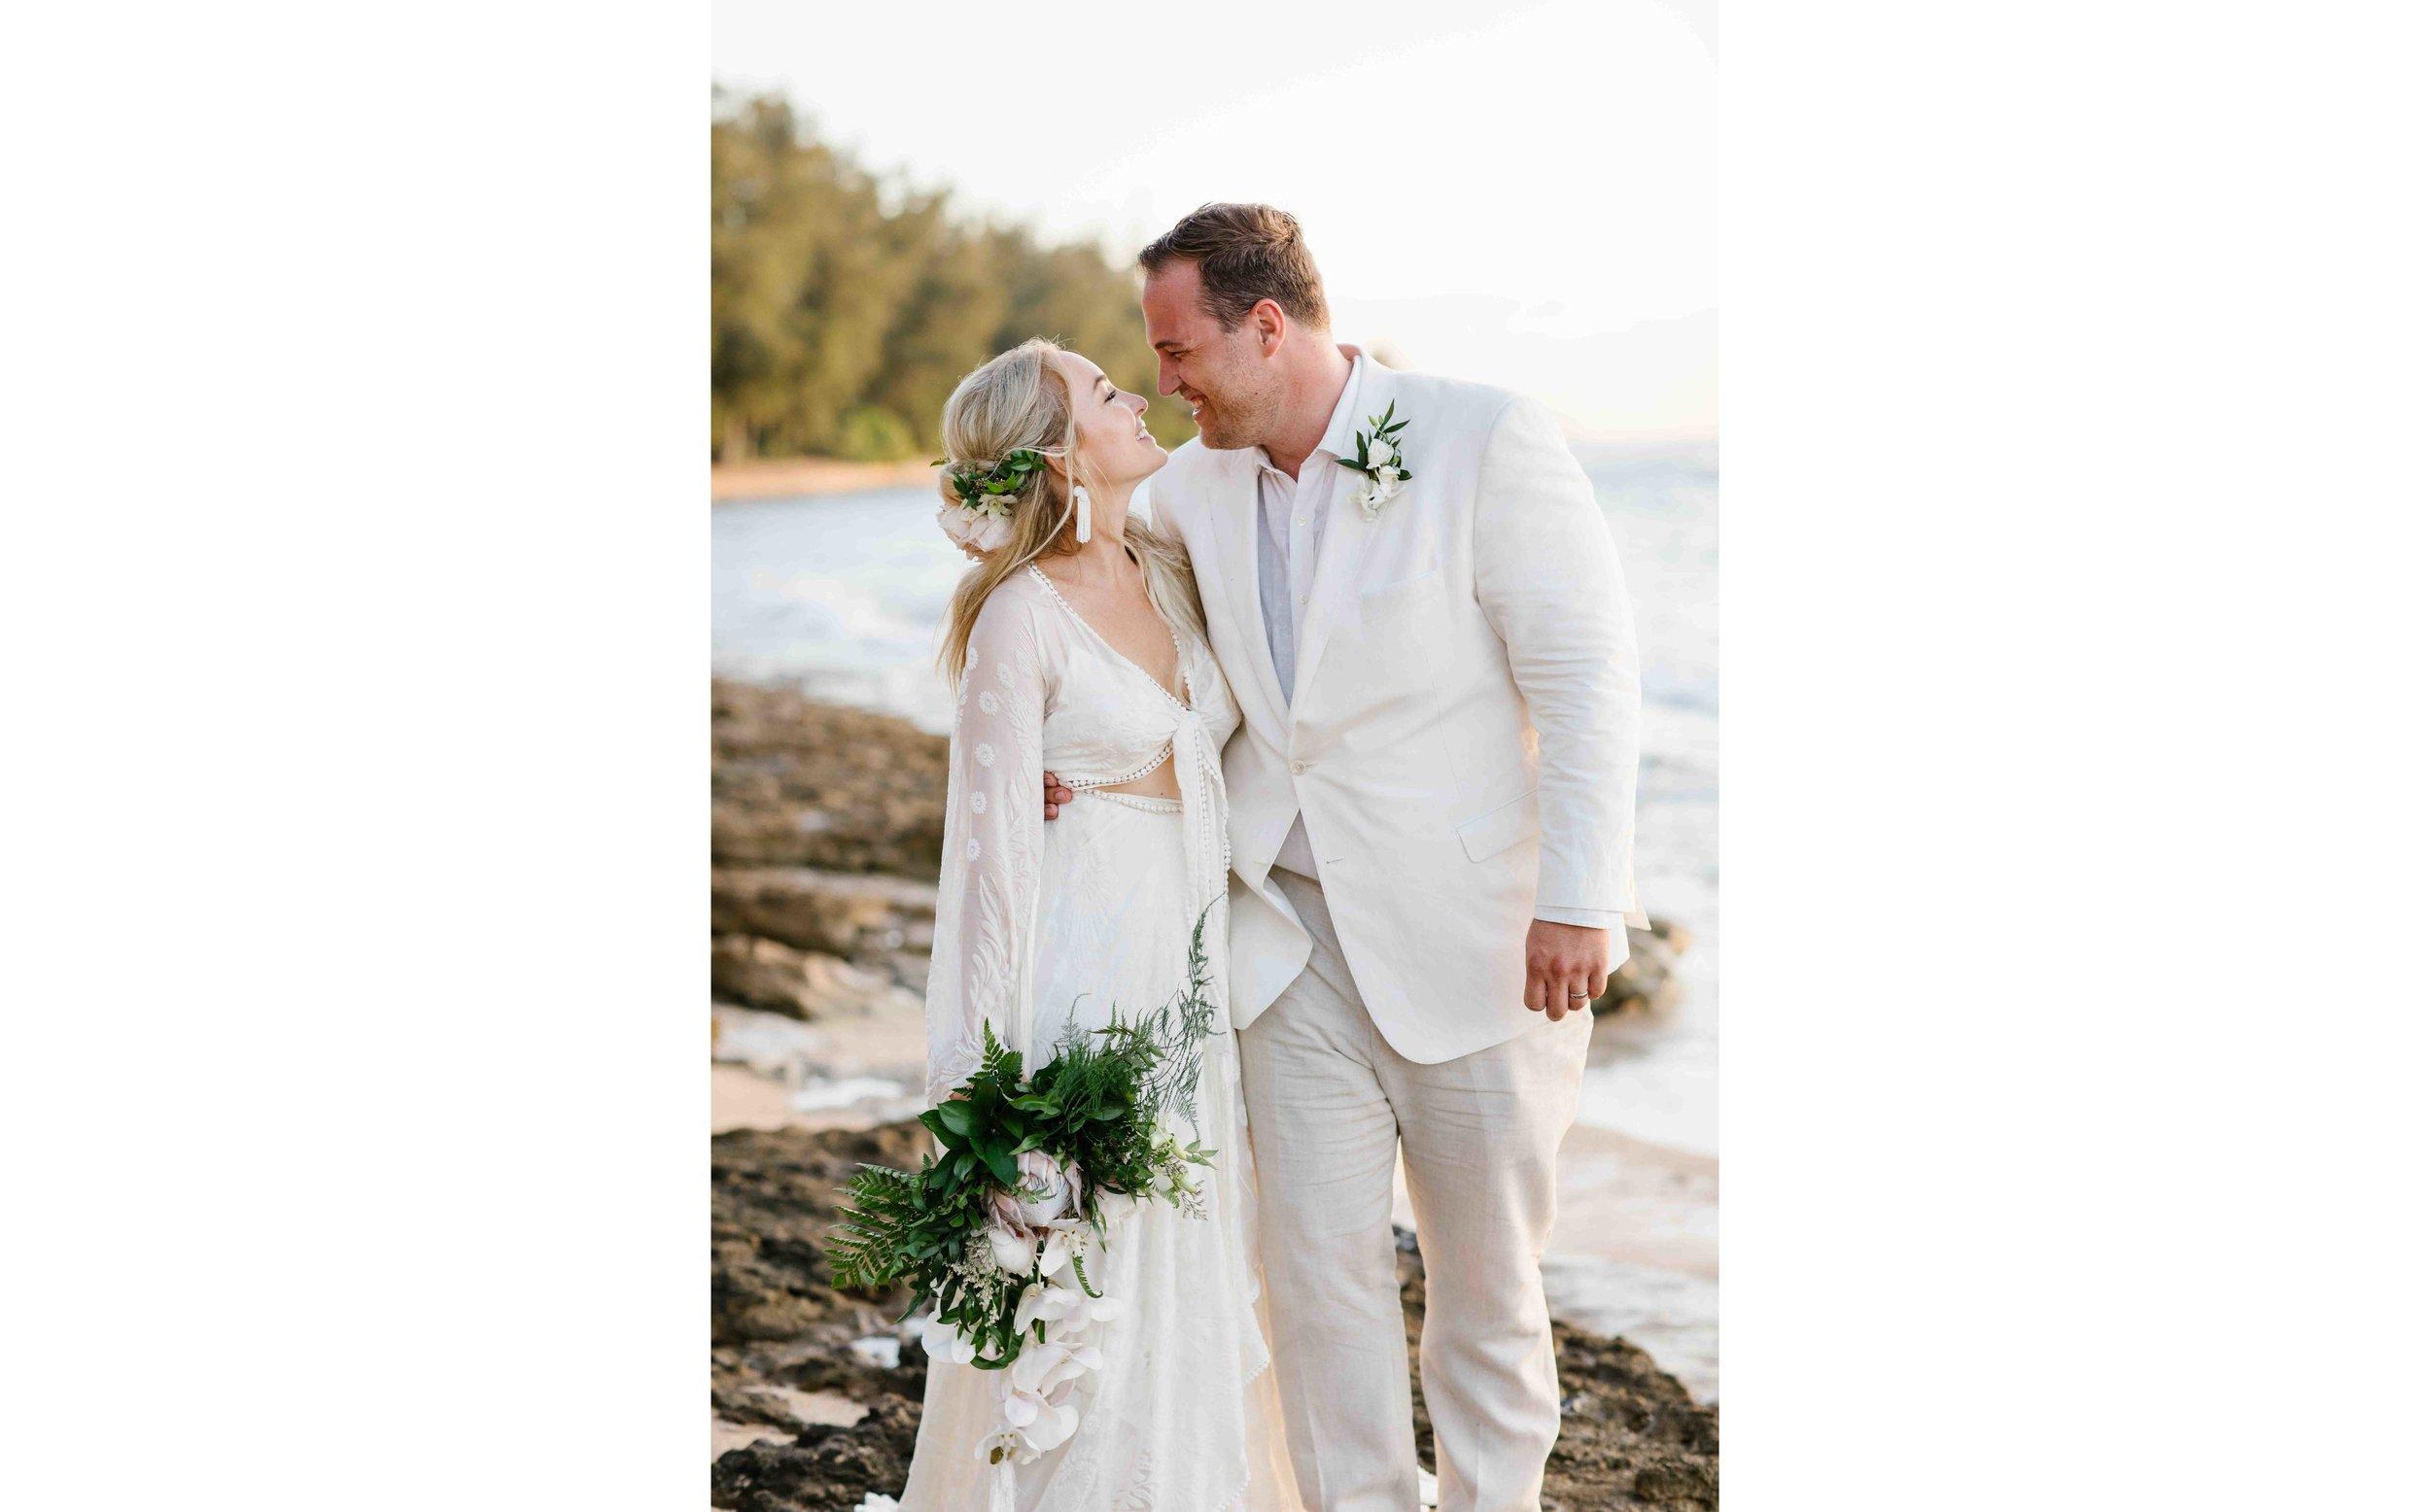 Bohemian Wedding Photography in Hawaii